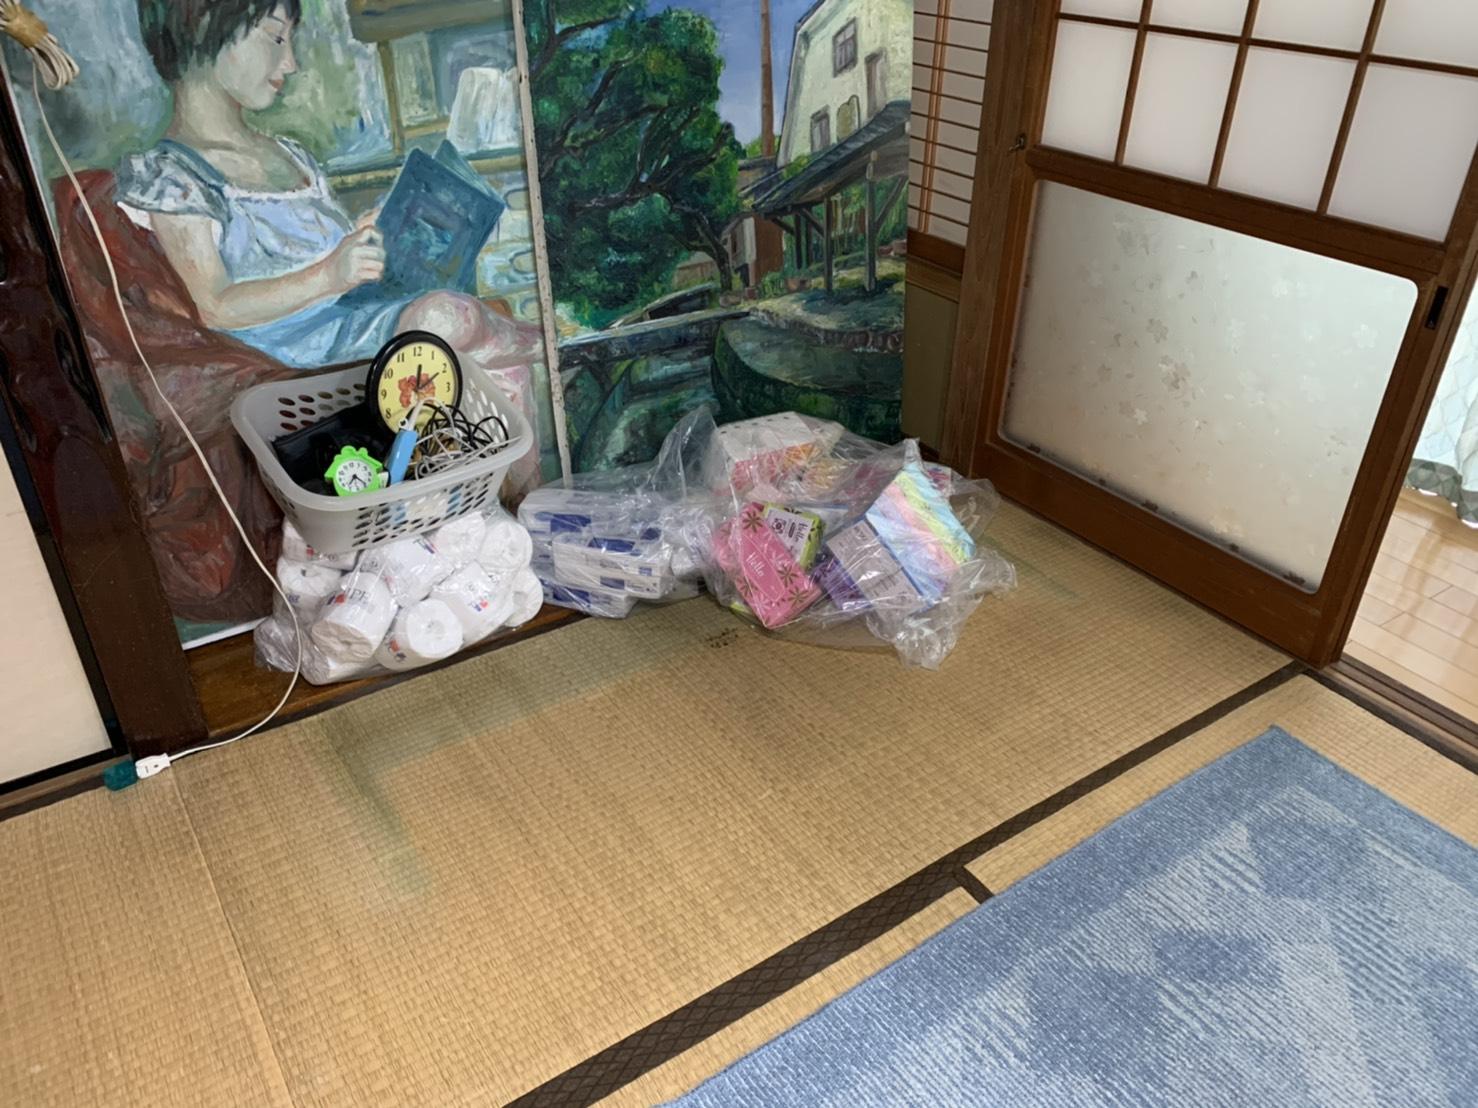 佐賀県佐賀市の楽器の回収後